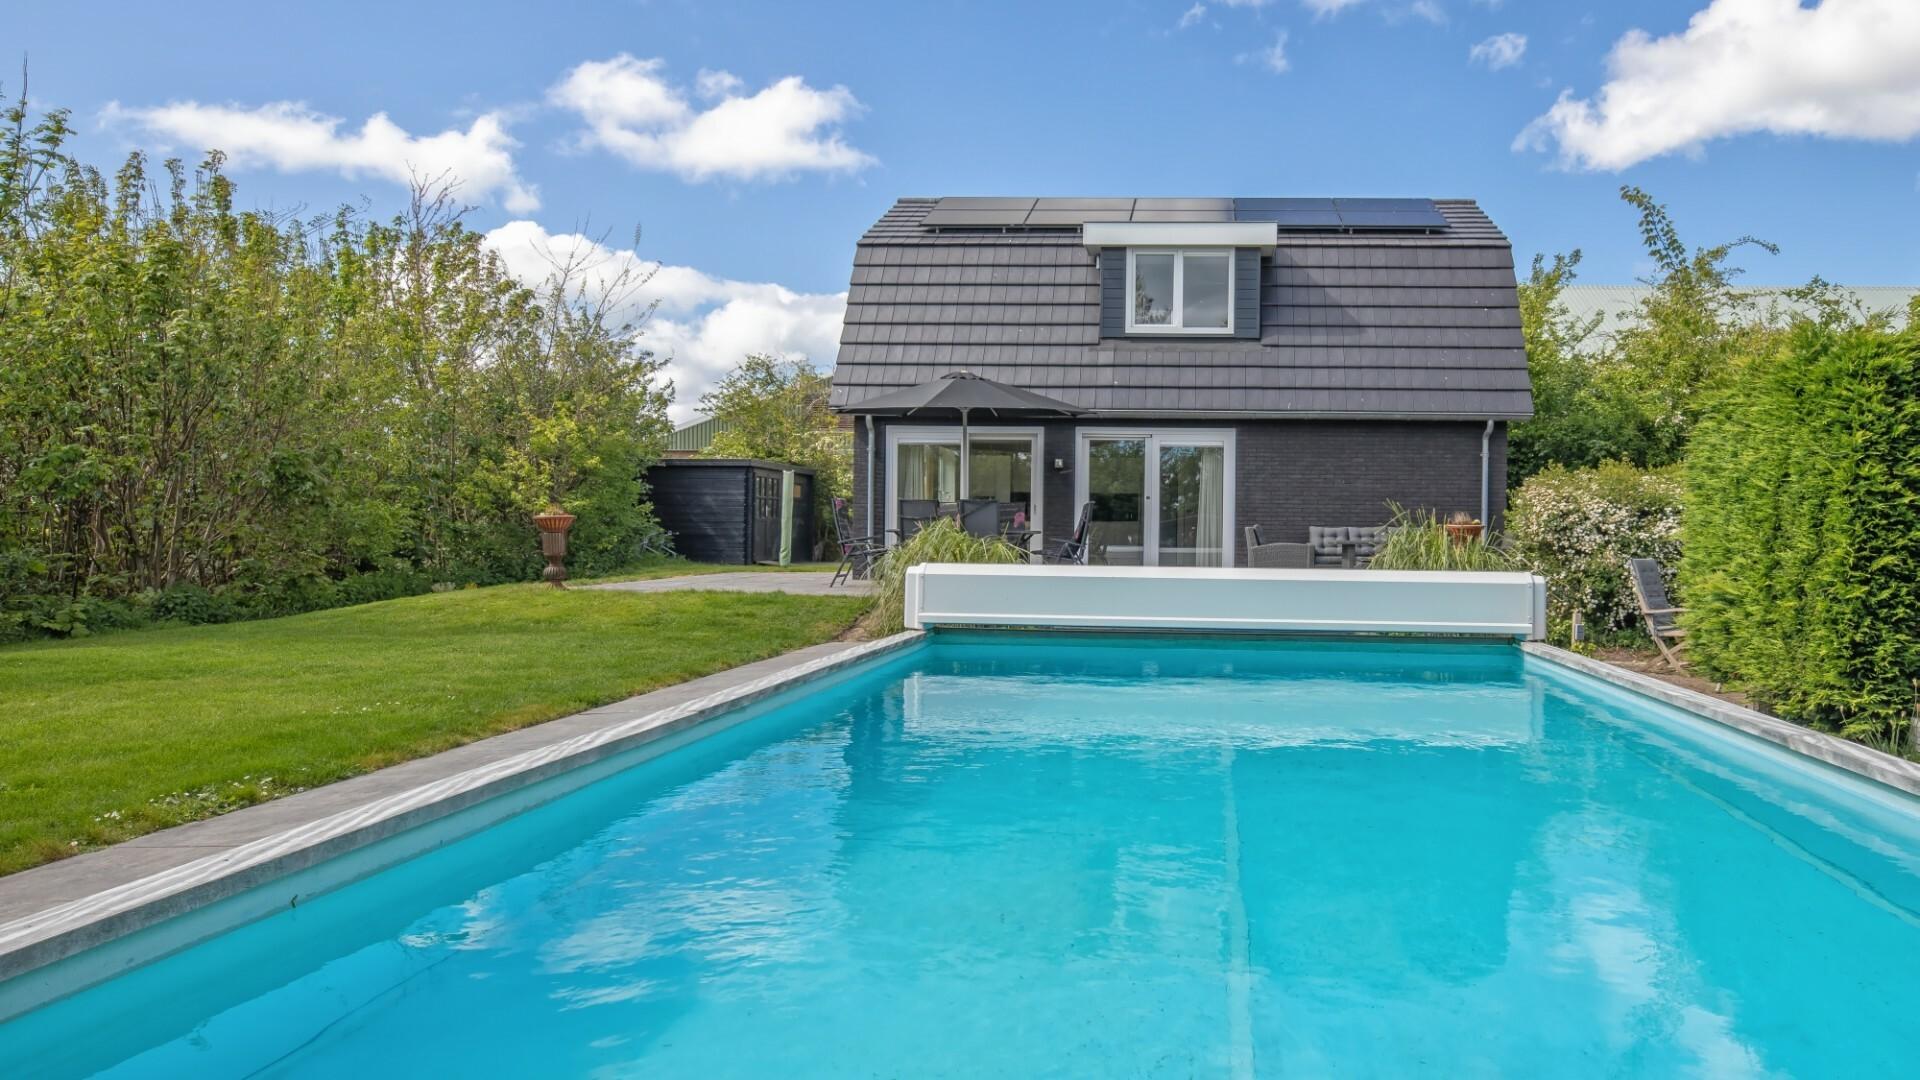 Vakantiehuis met zwembad buitenaanzicht Meyertebos fotograaf Justin Sinner